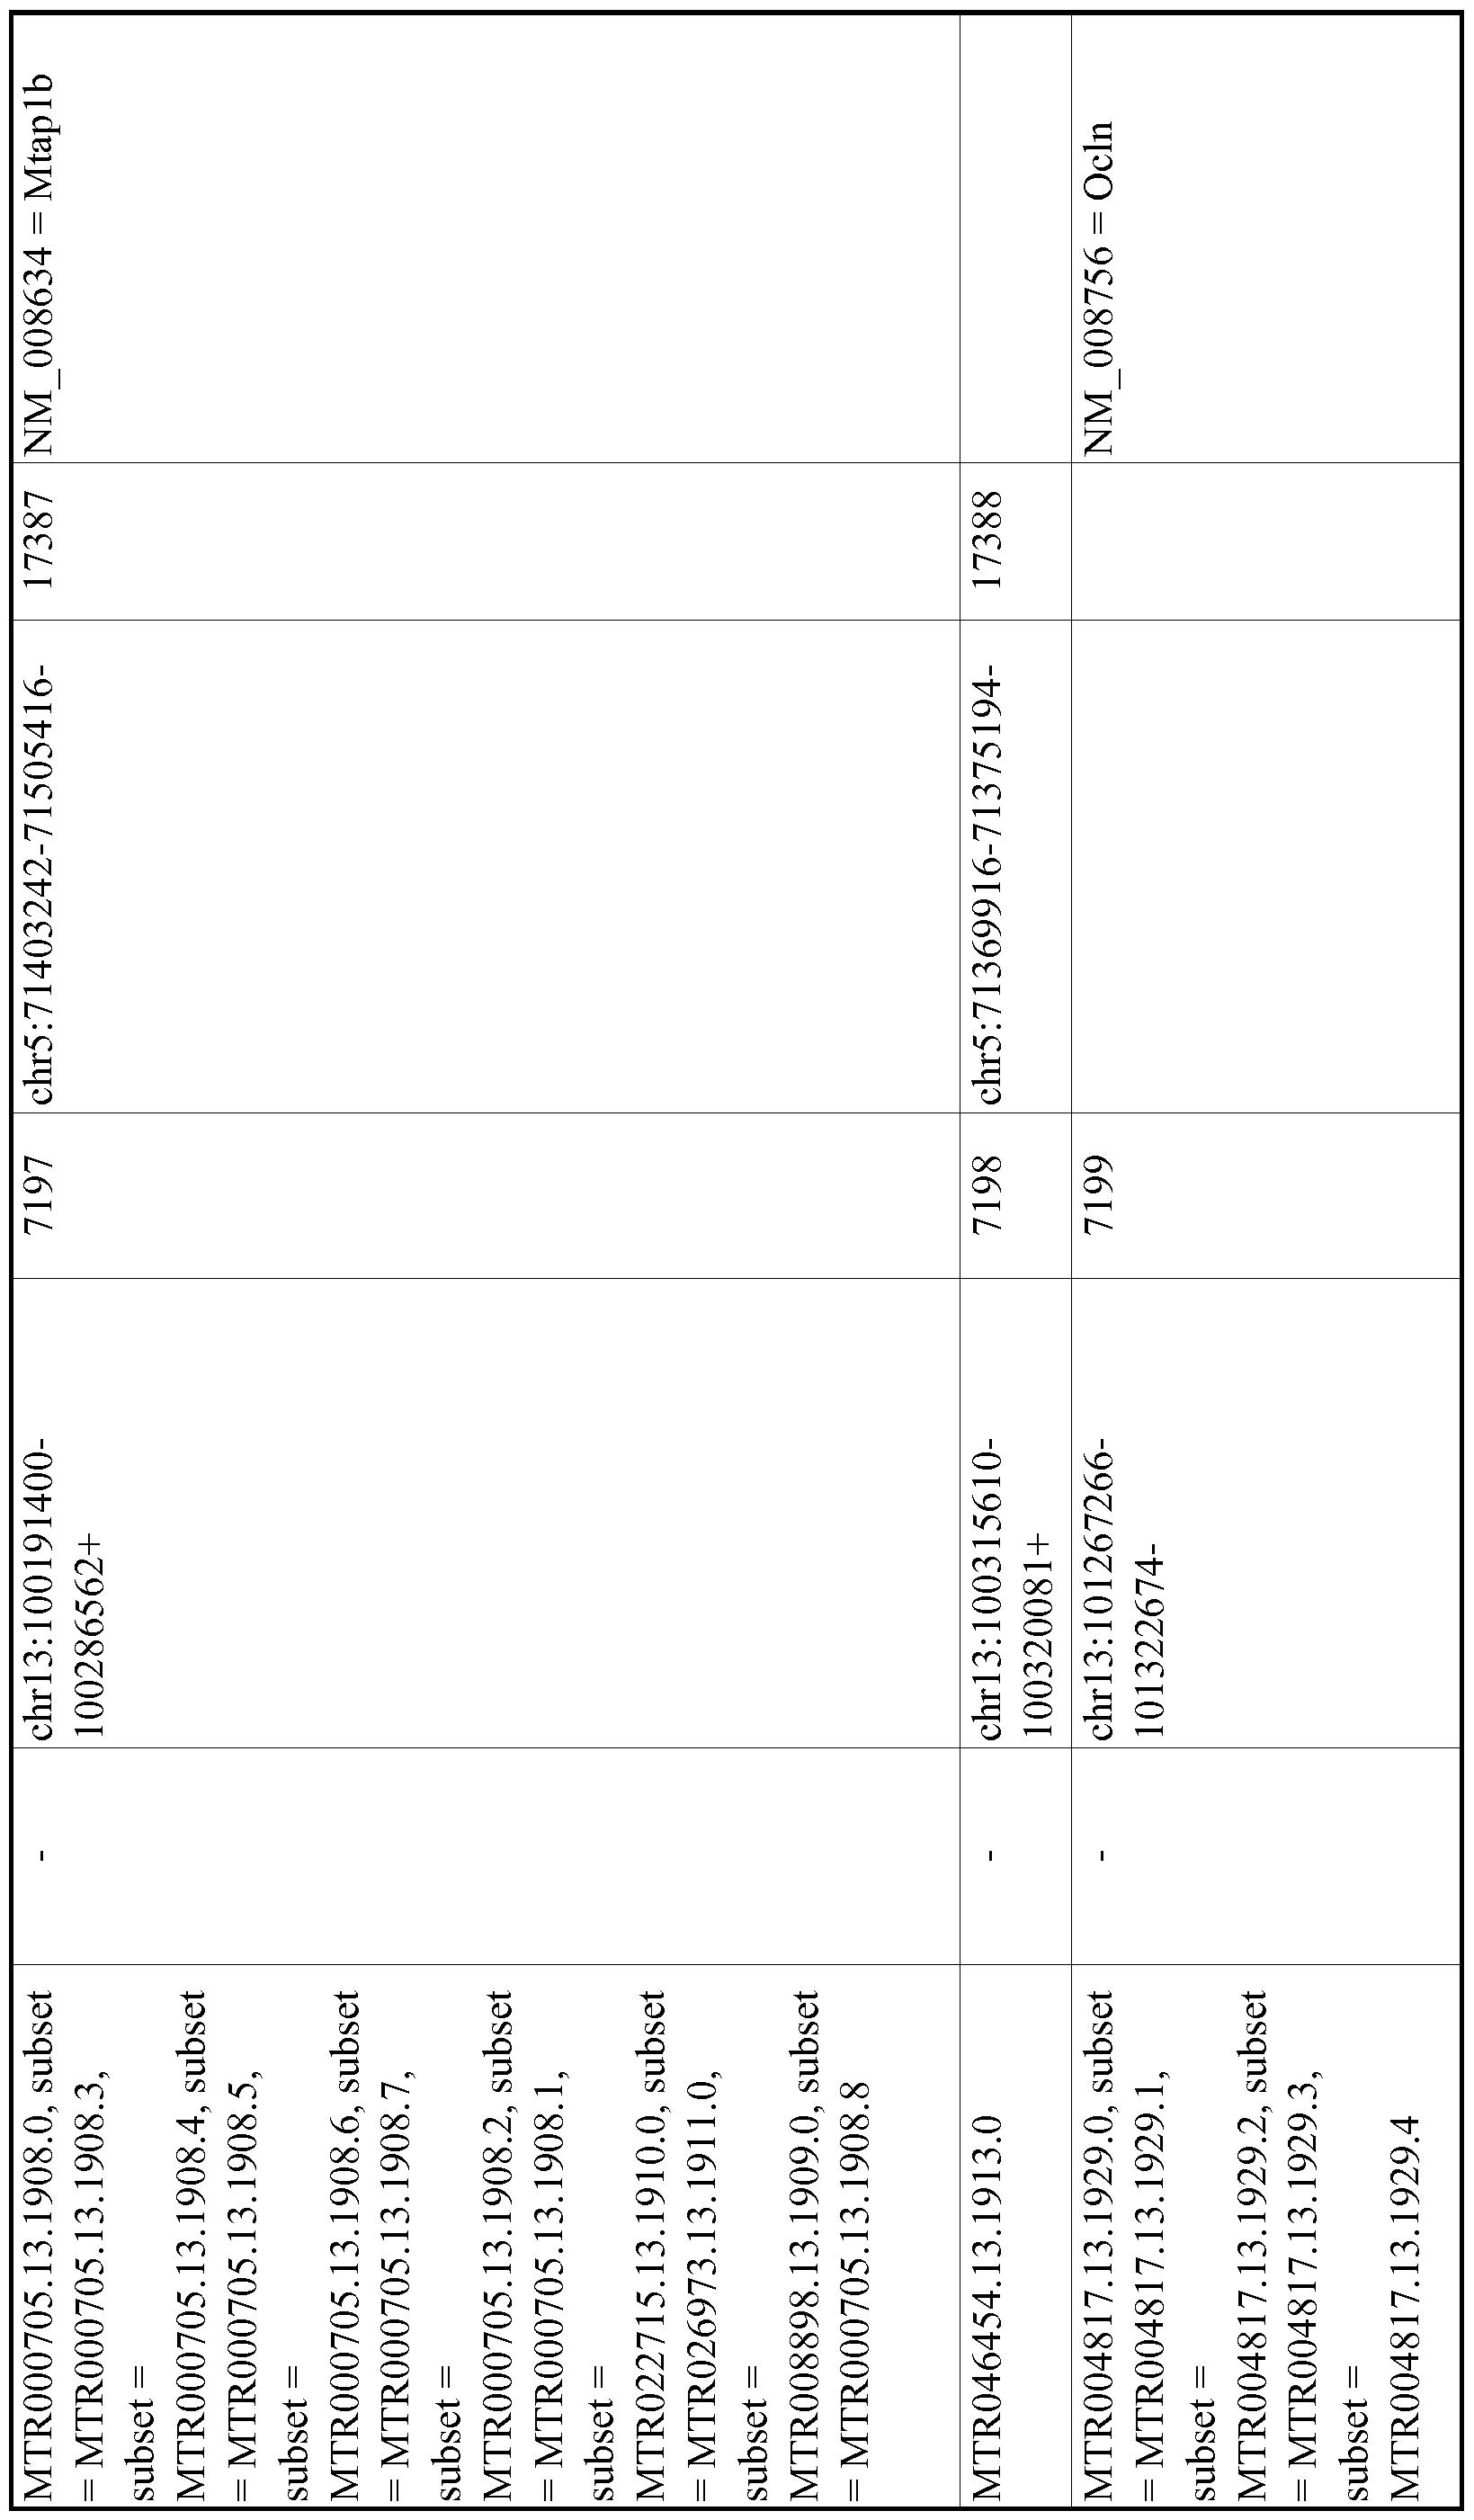 Figure imgf001261_0001